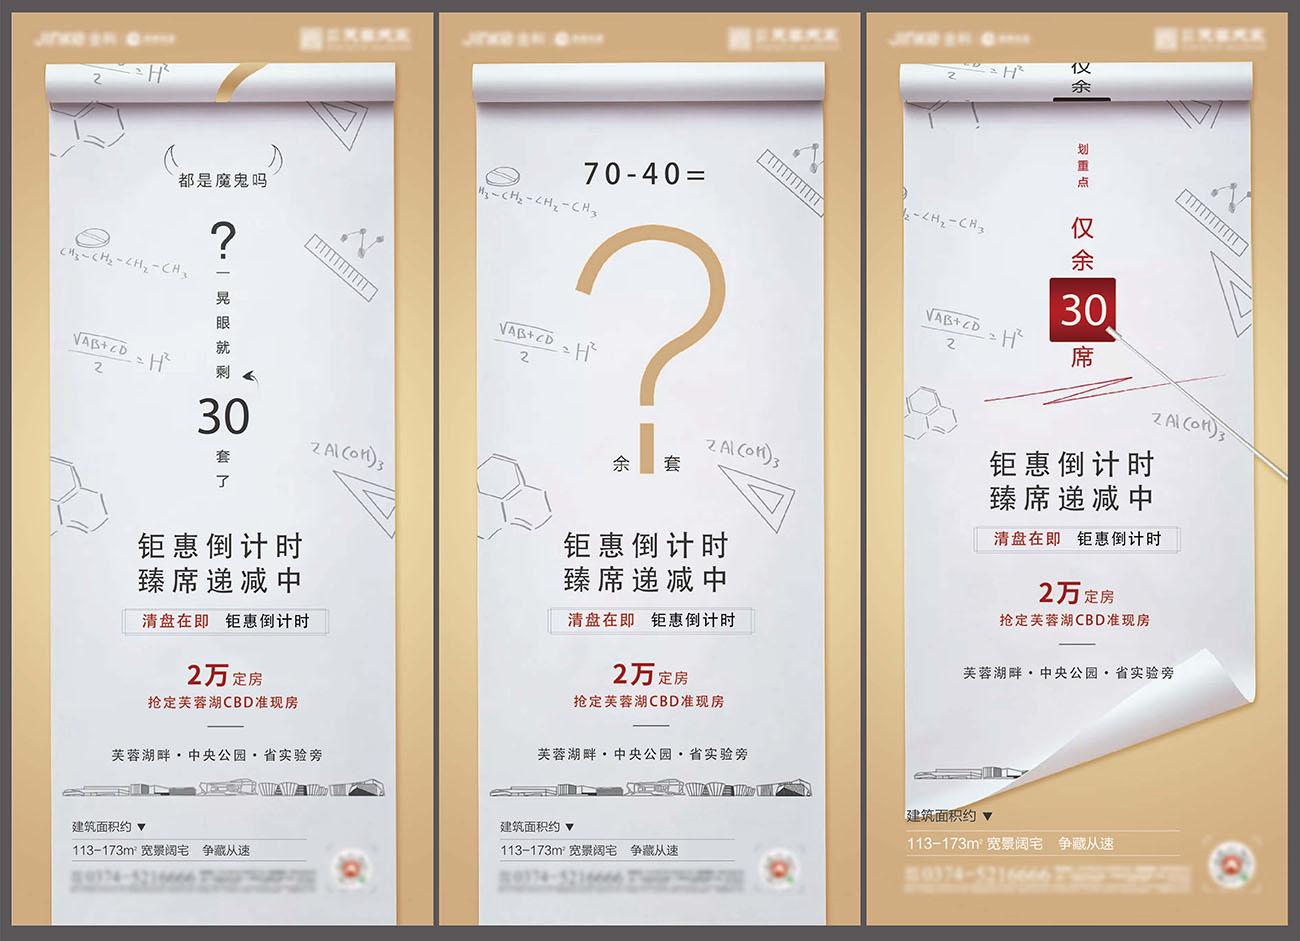 地产住宅热销倒计时海报AI+PSD源文件插图